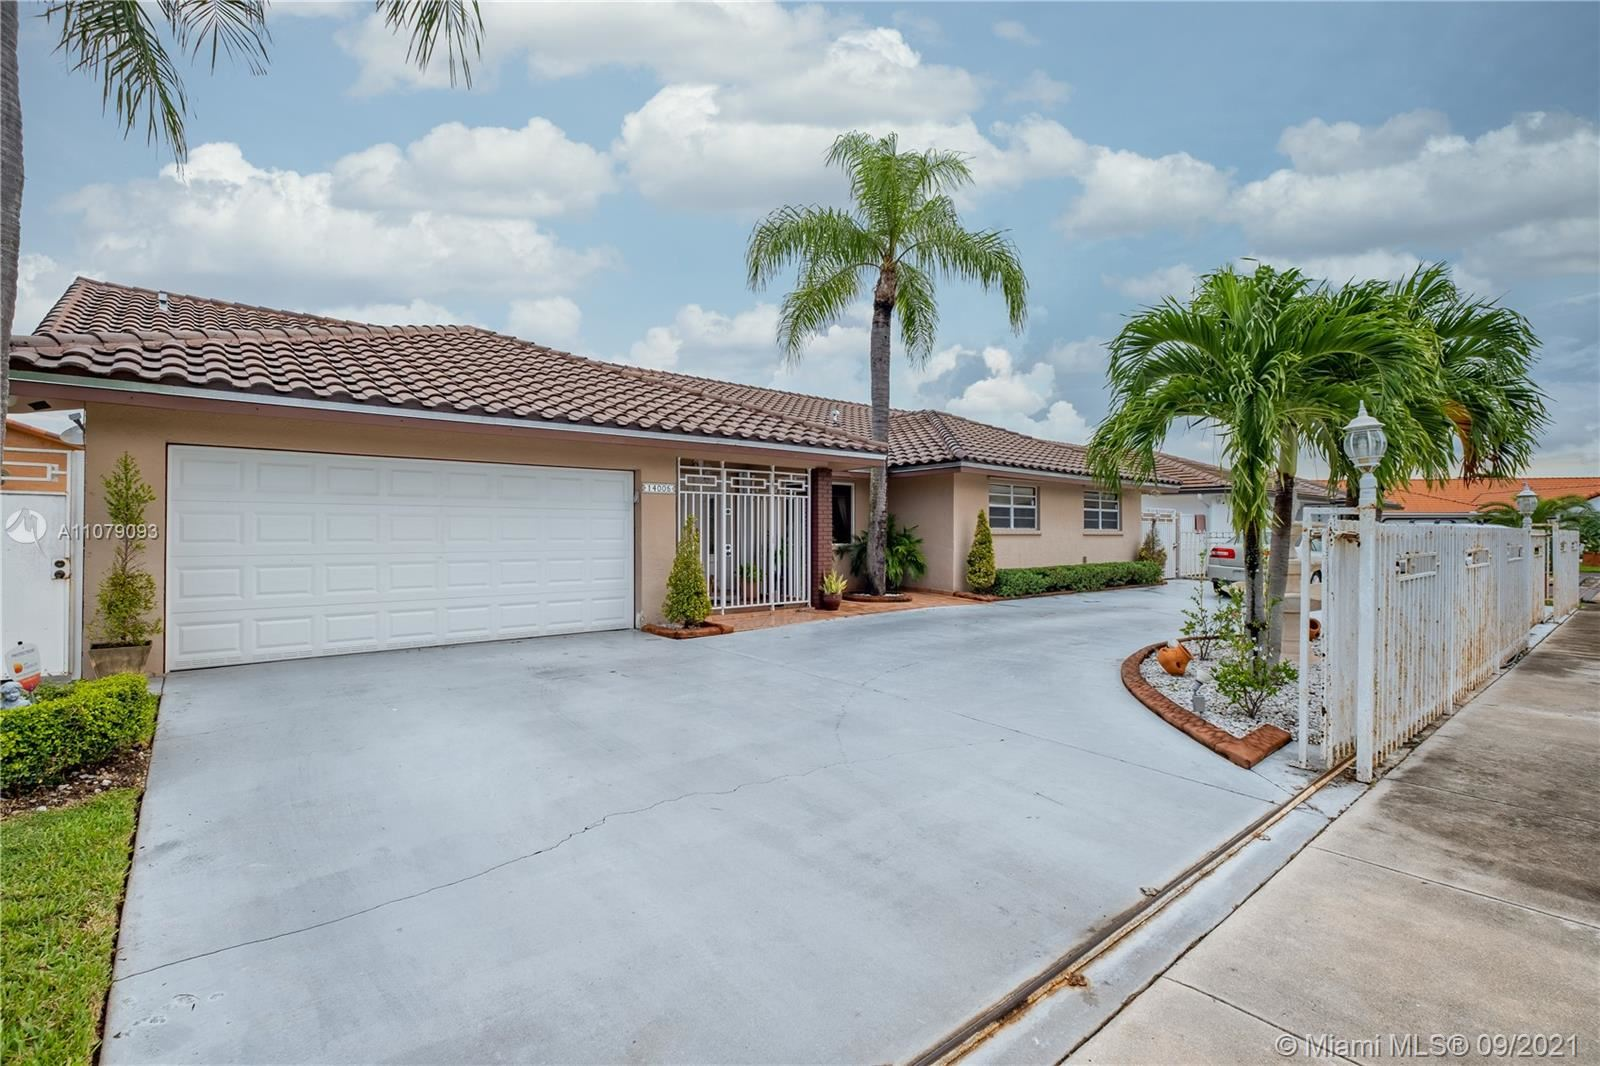 14005 SW 17th Ter, Miami, FL 33175 - #: A11079093